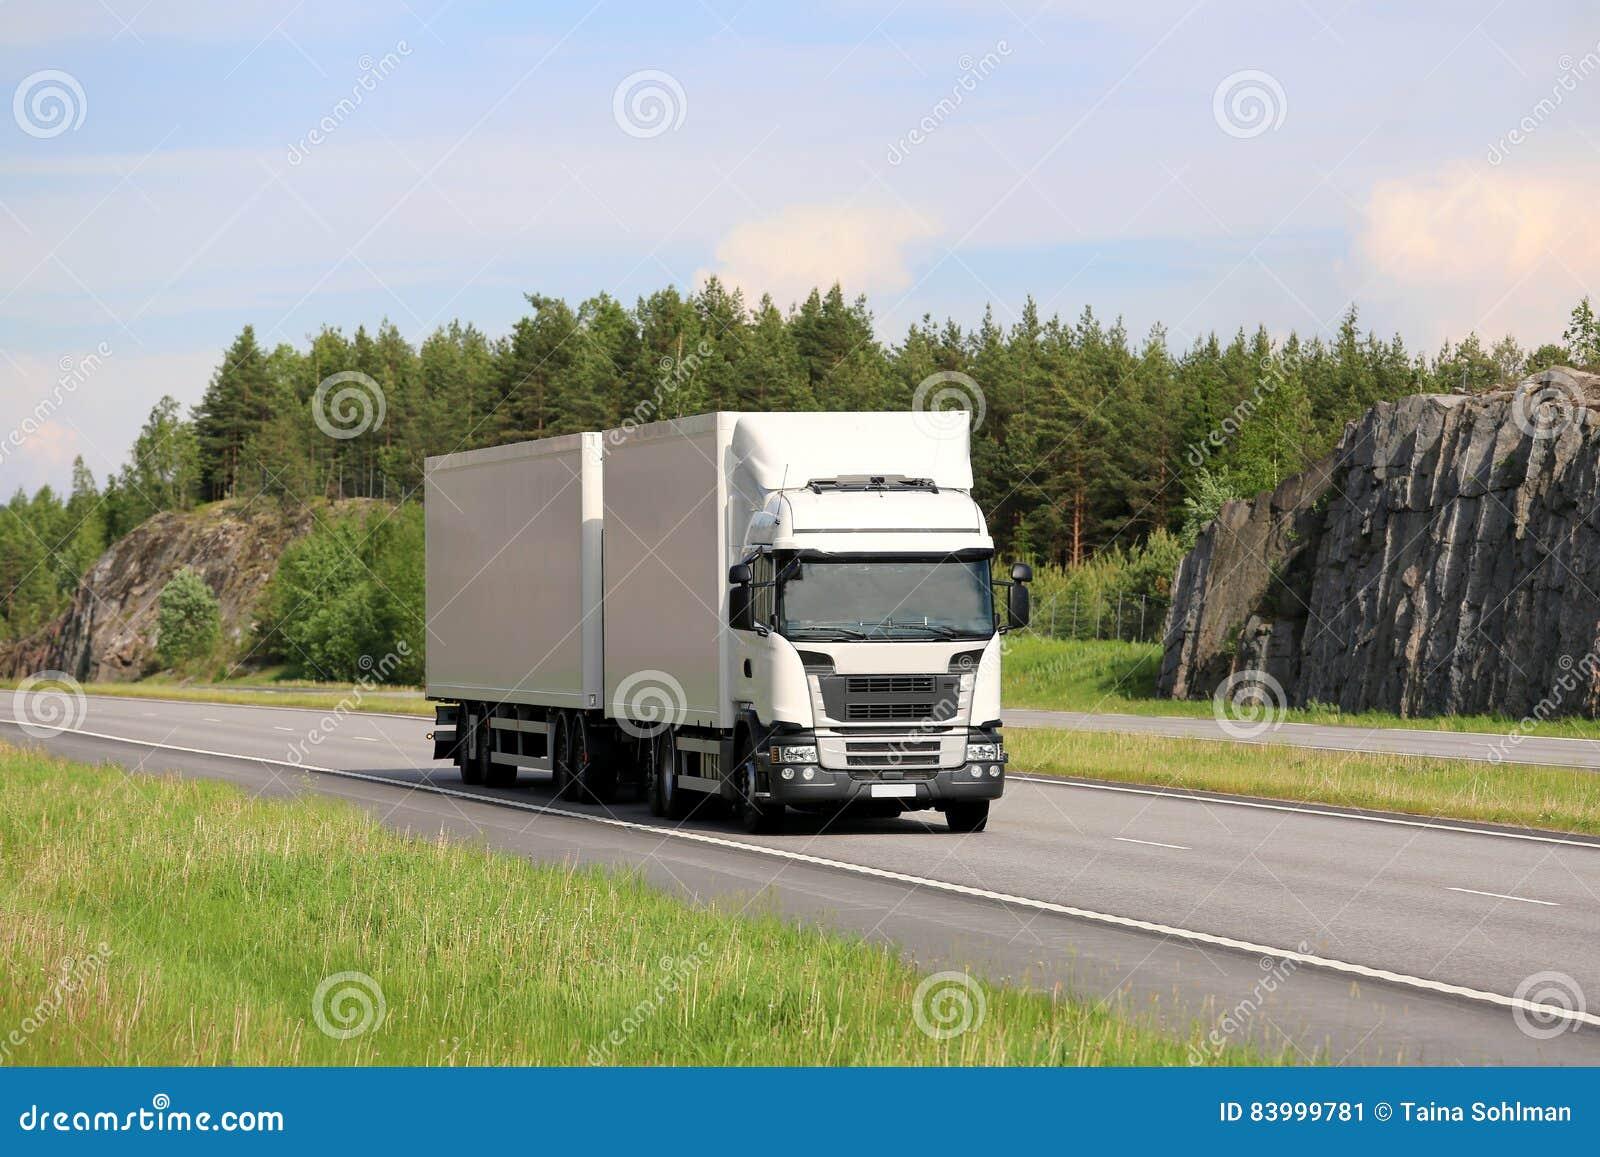 Big White Cargo Truck on Motorway